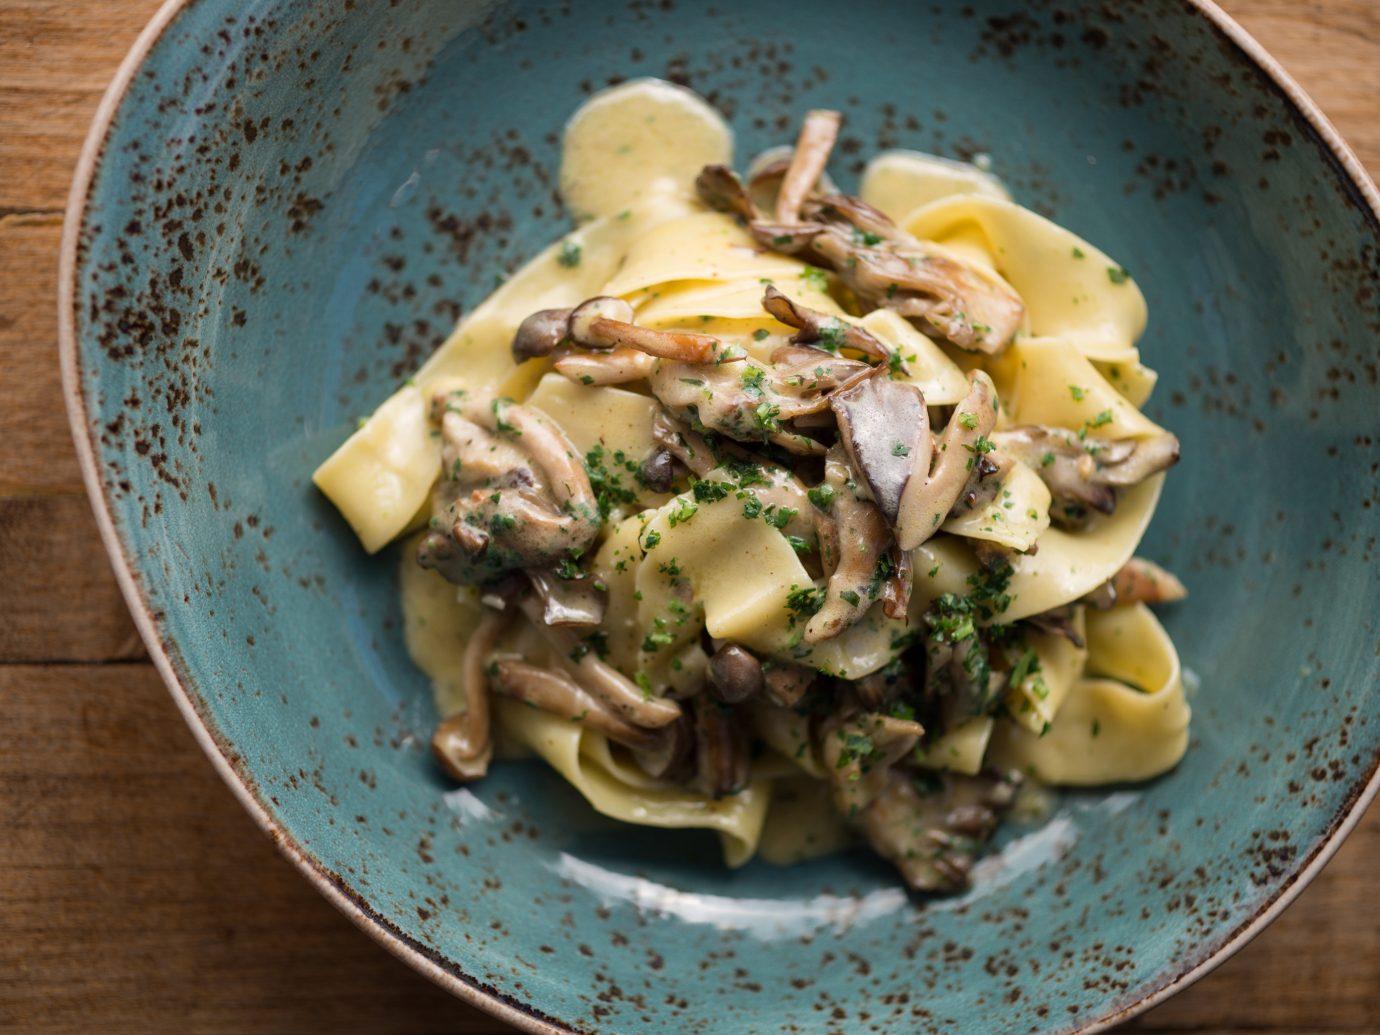 Food + Drink plate food table dish wooden cuisine italian food produce vegetable pappardelle penne carbonara vegetarian food pasta european food meal meat eaten